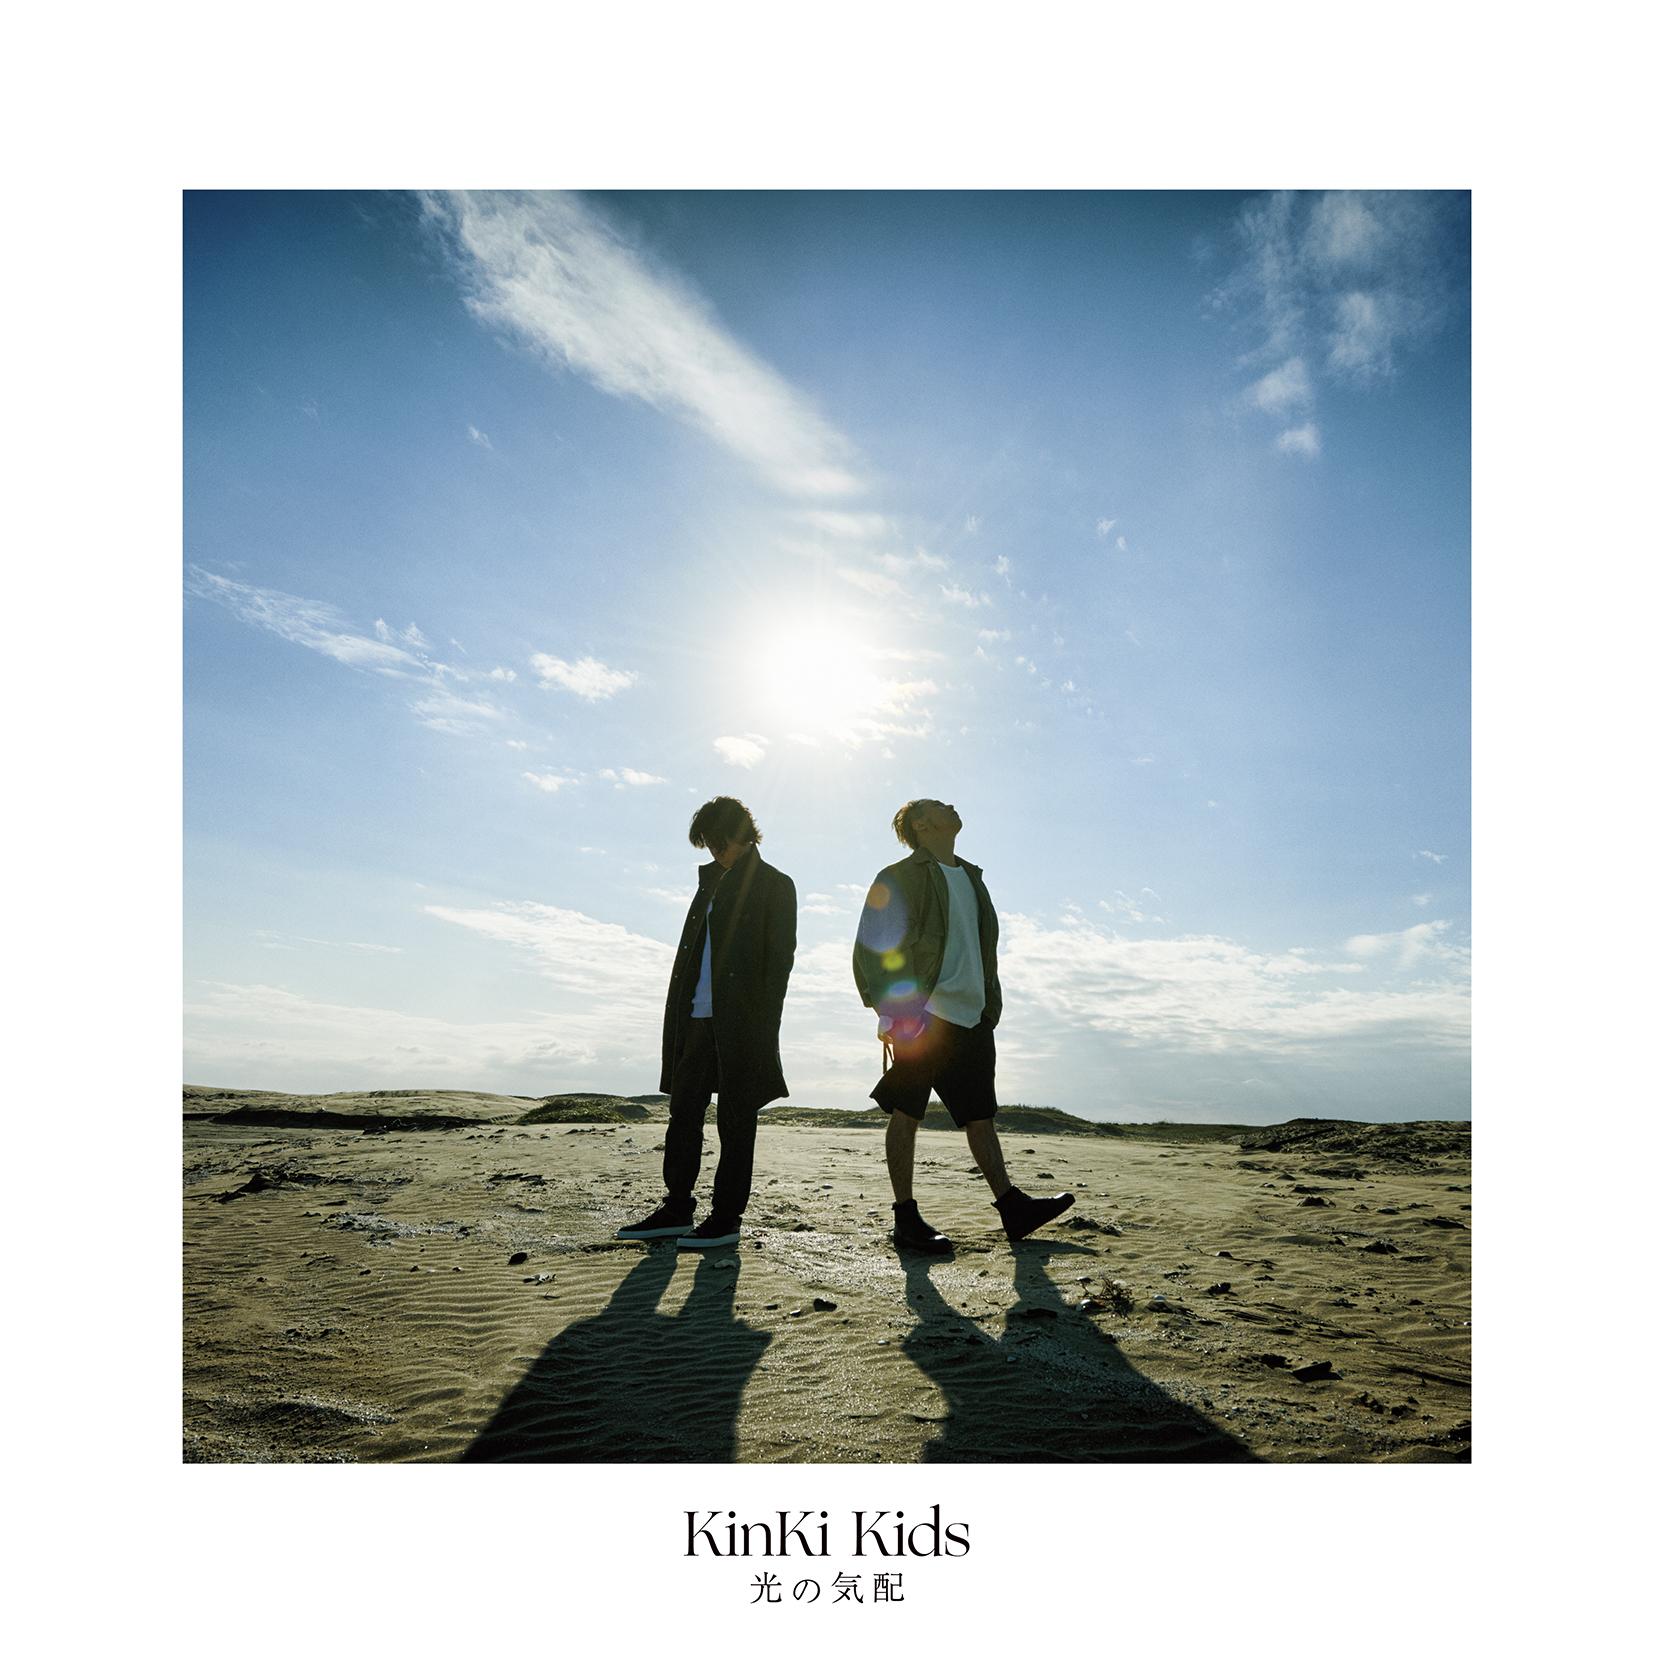 KinKi Kids 「光の気配」